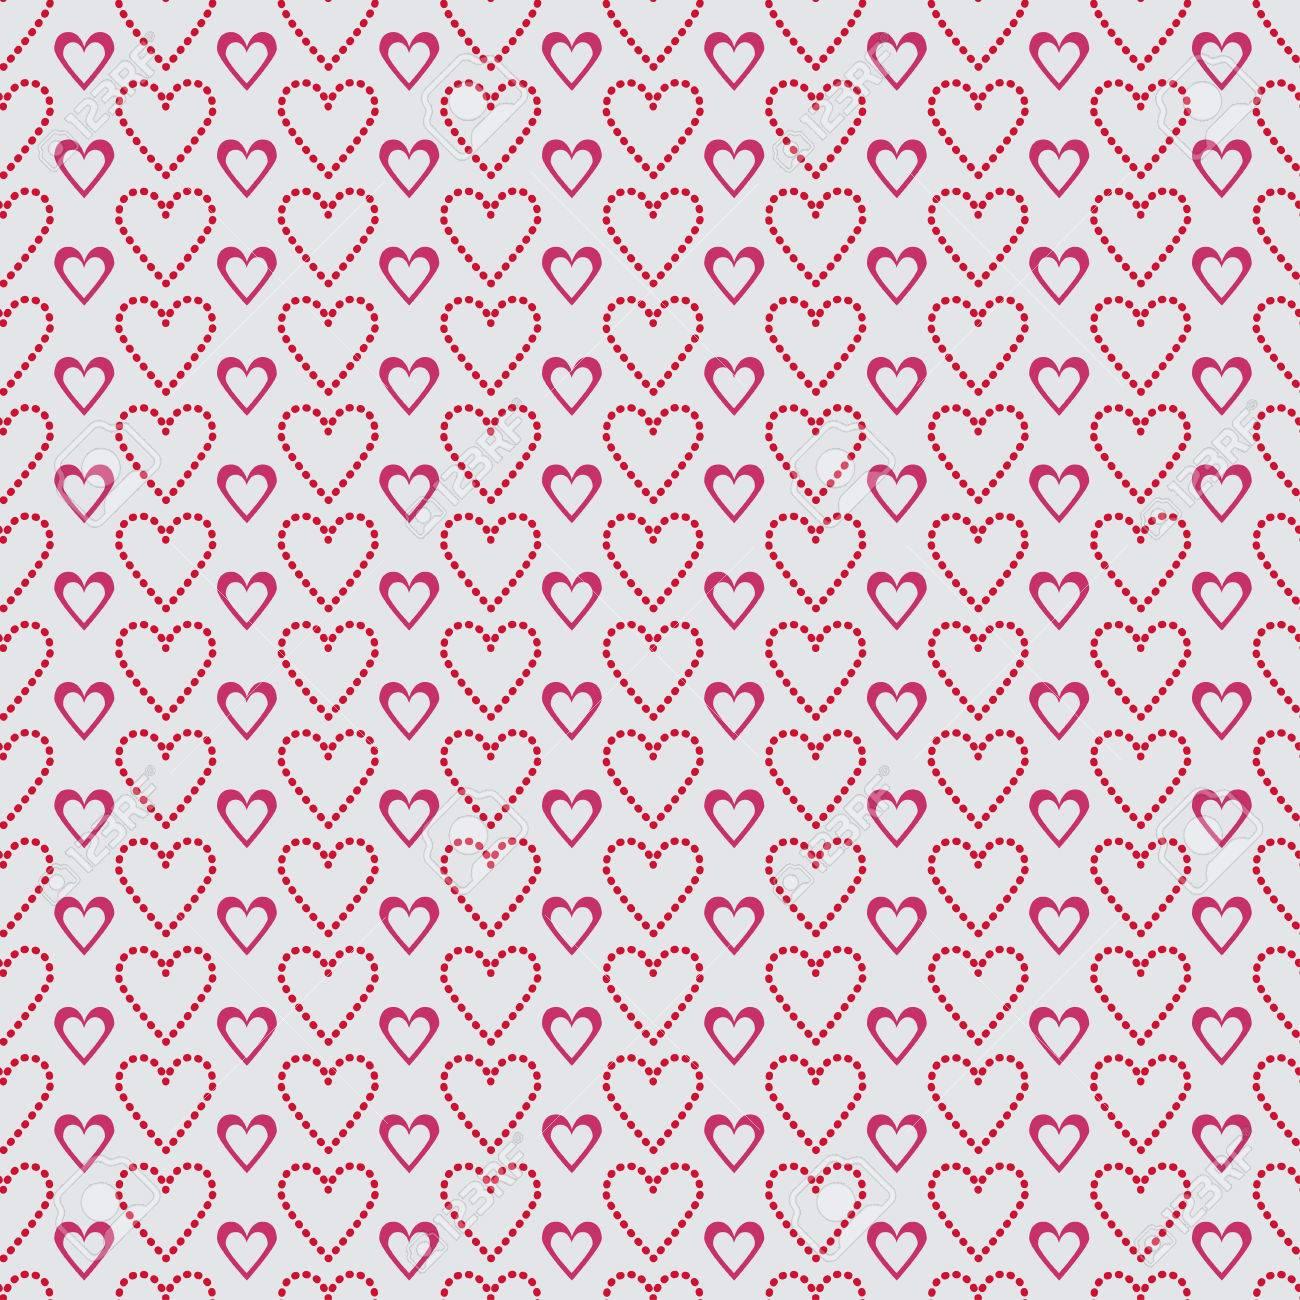 Vettoriale Un San Valentino Senza Soluzione Di Continuità Cuore E